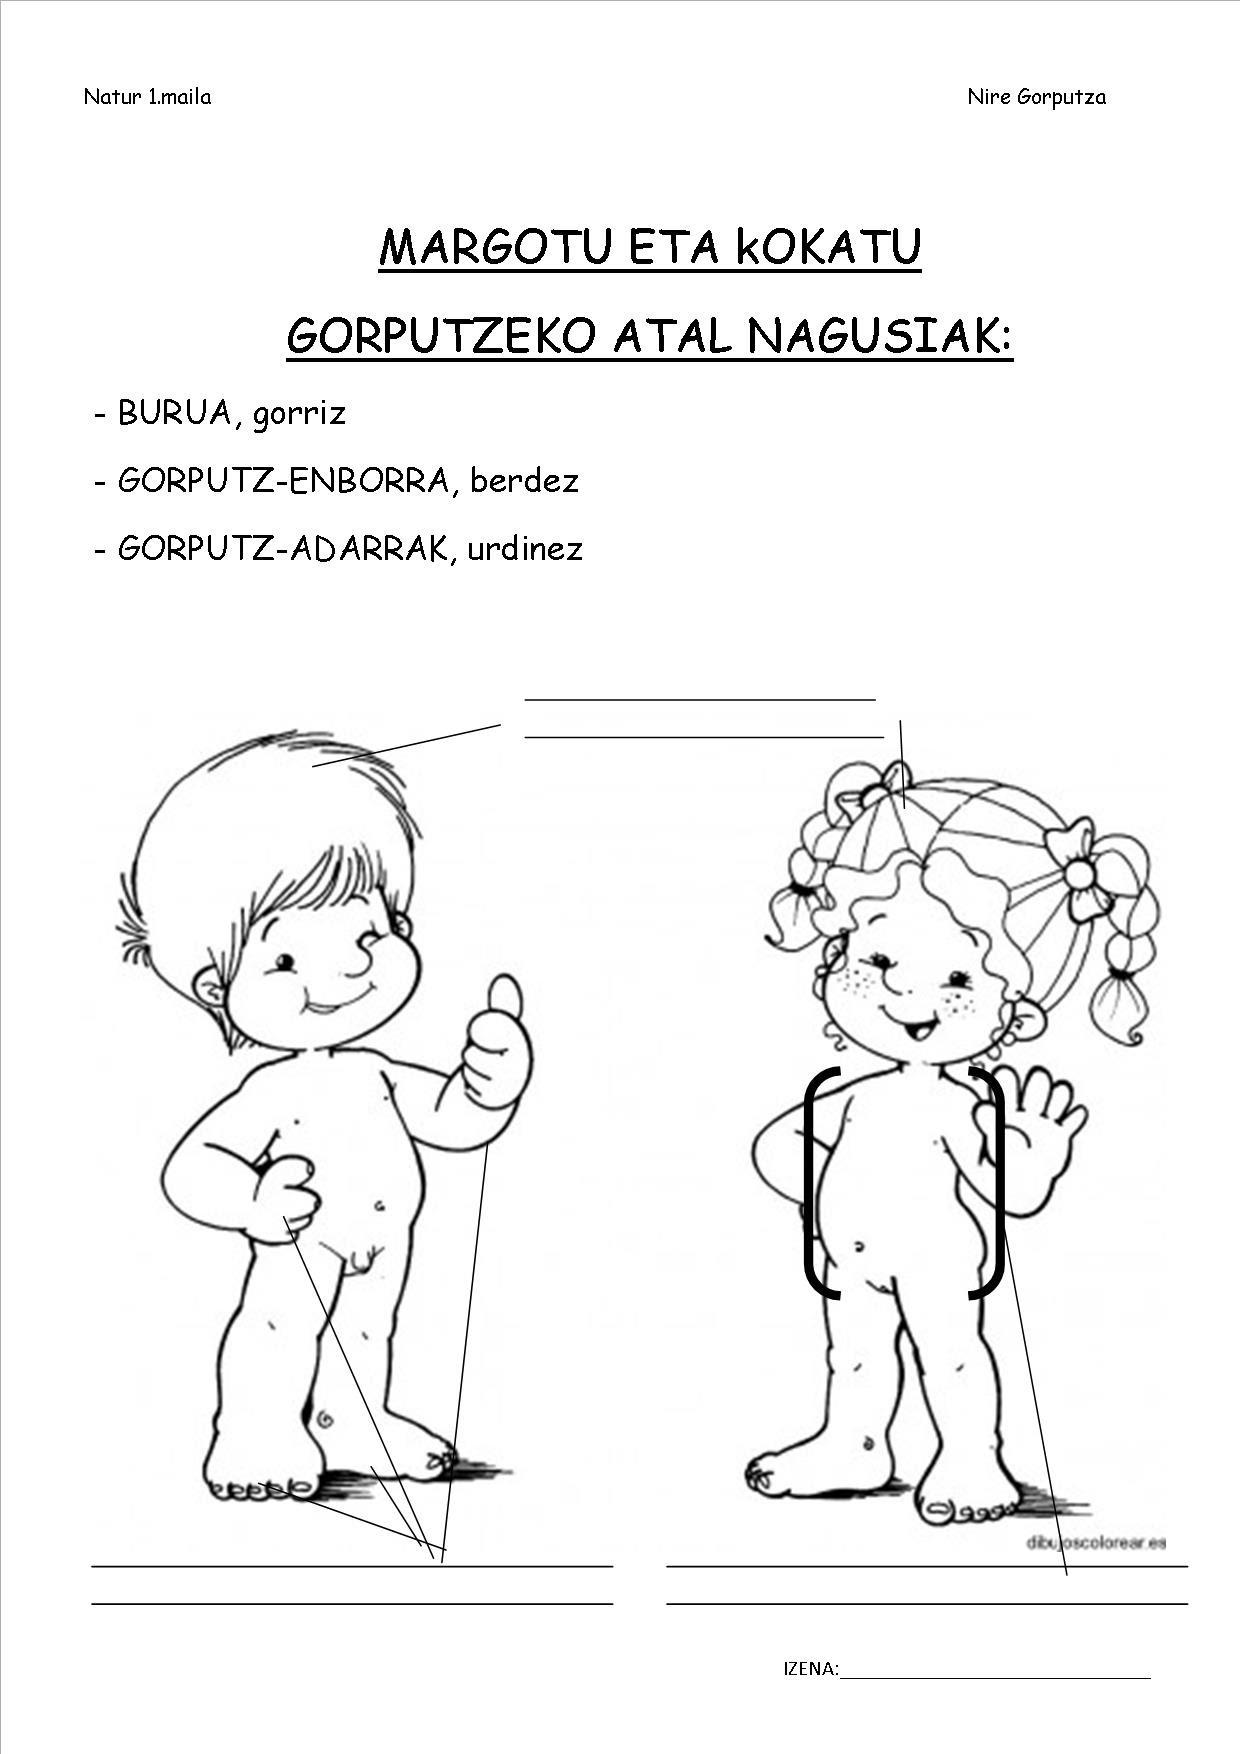 https://sites.google.com/a/presentaciondemaria.org/lehen-hezkuntza-1-maila/2-natur-zientziak/nire-gorputza/GORPUTZ%20ATAL%20NAGUSIAK.jpg